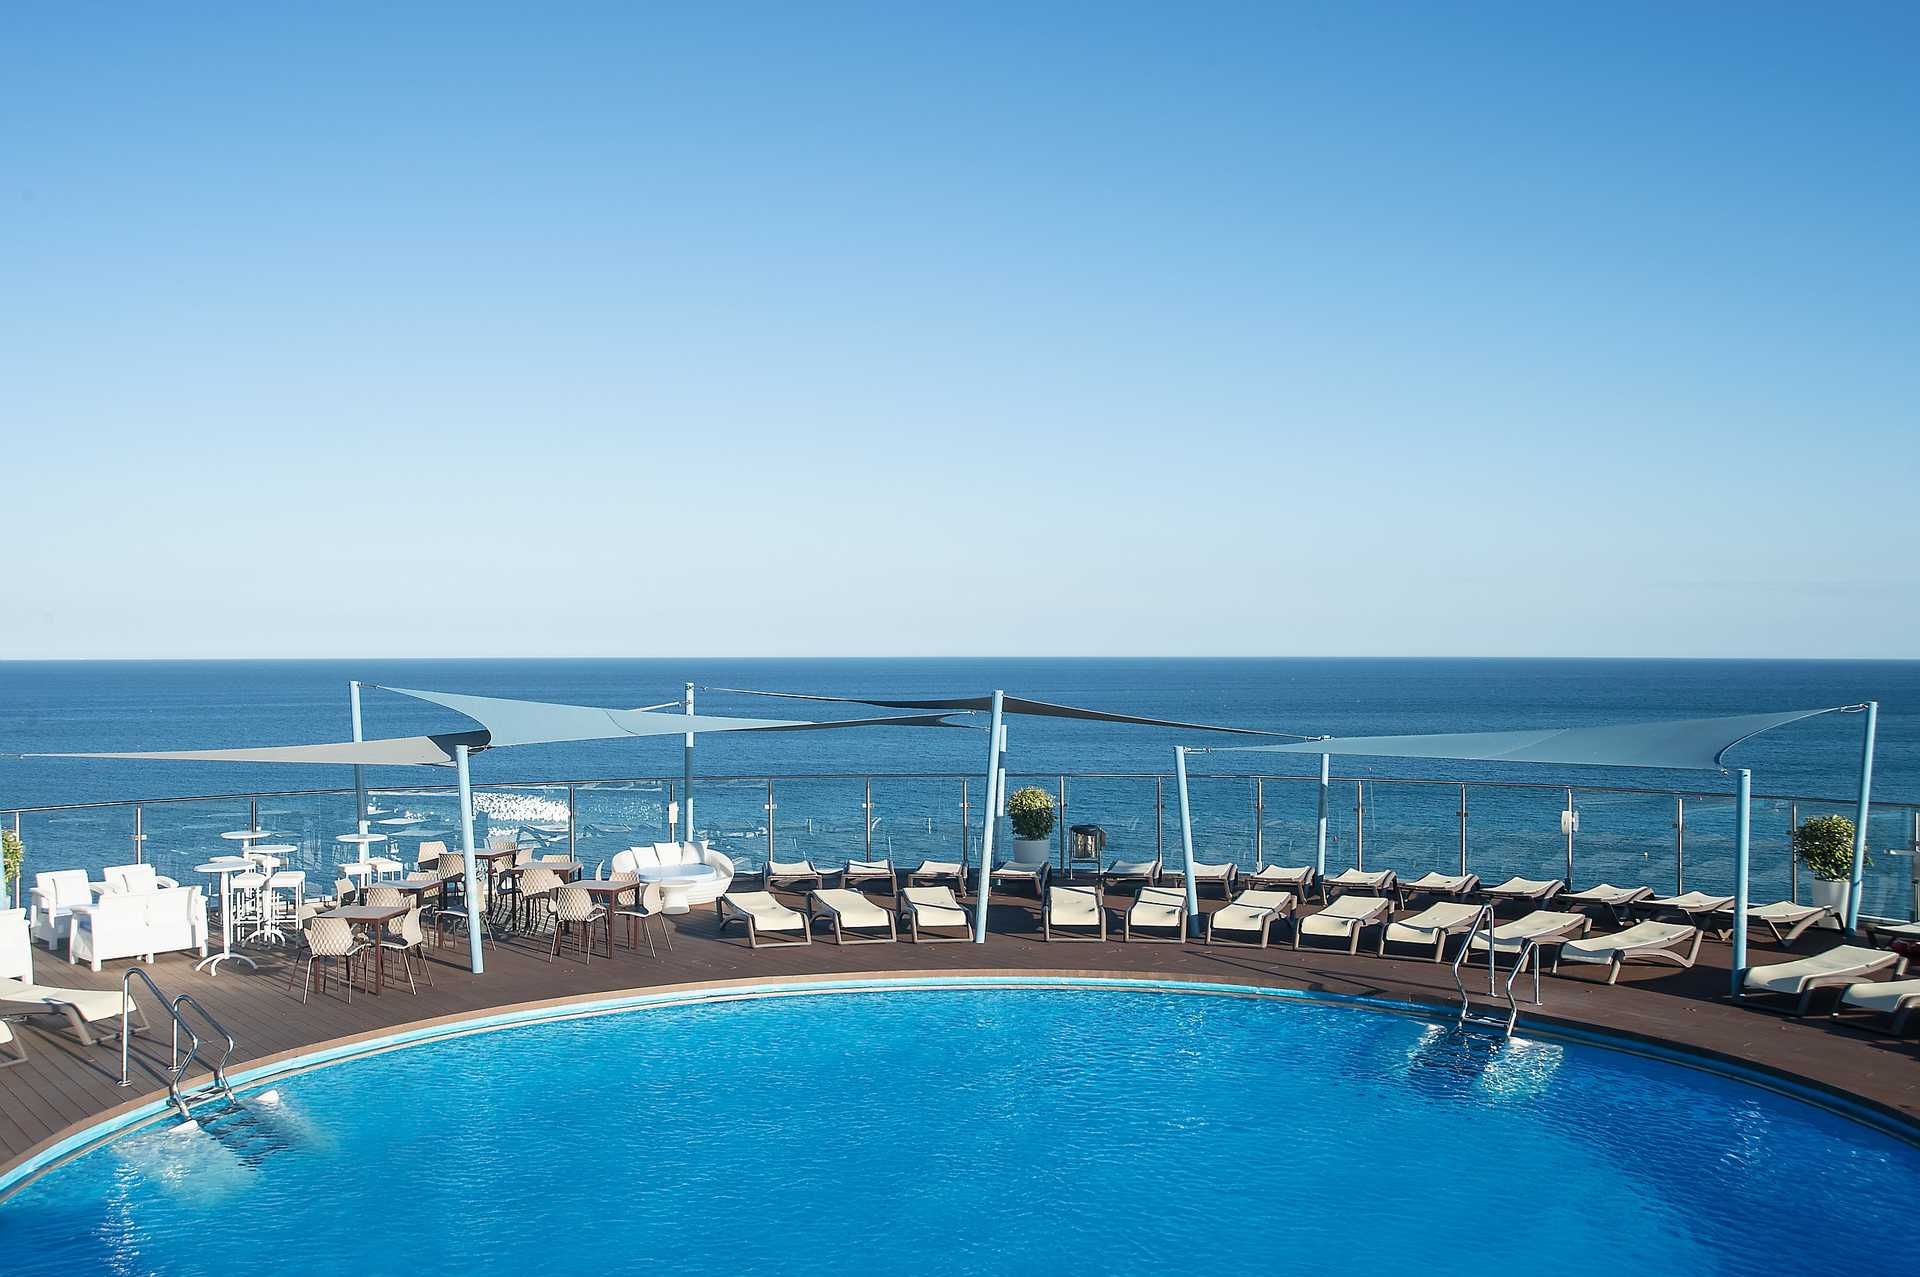 Pierre & Vacances apartamentos vacacionales y hoteles